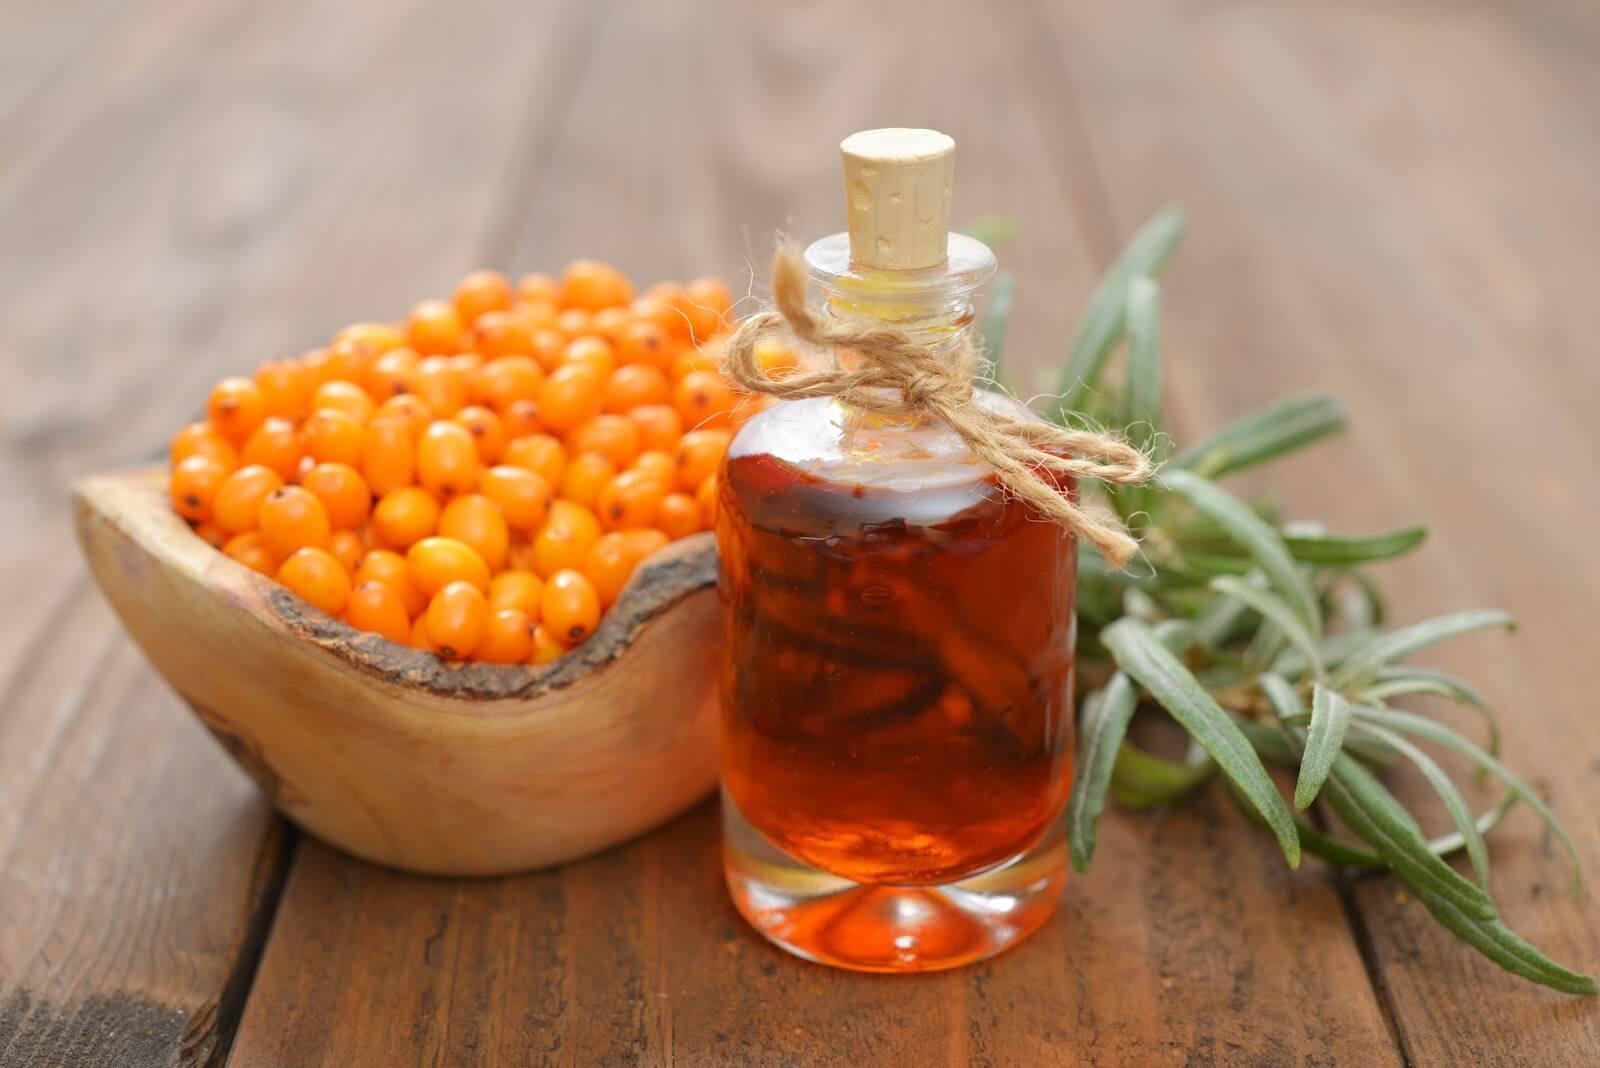 Масло облепихи: лечебные свойства, показания и противопоказания, что важно знать о составе облепихового масла